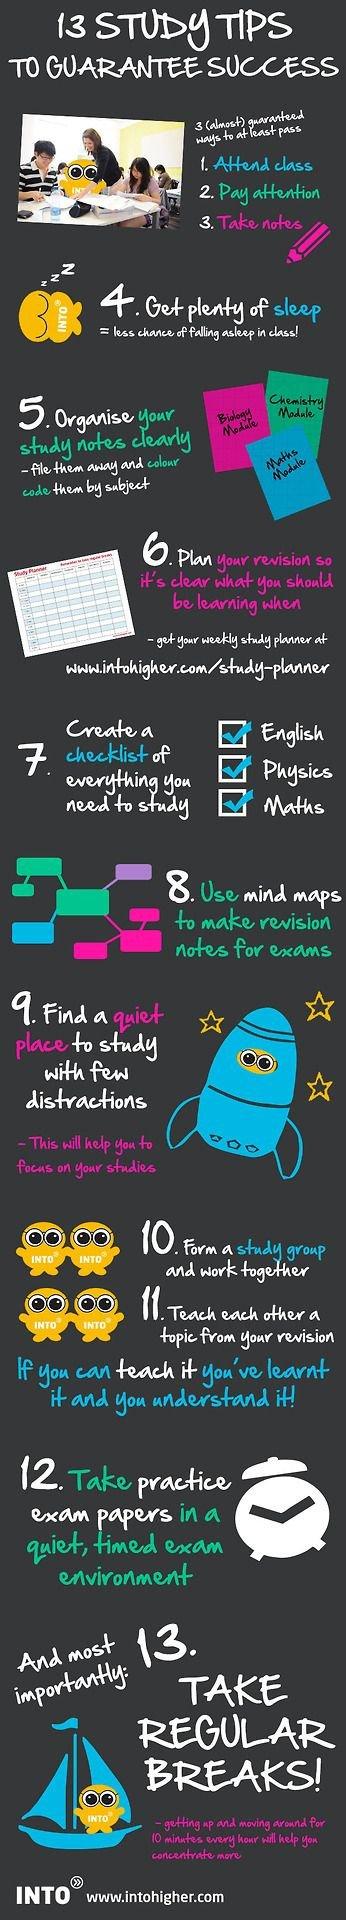 Study Tips to Guarantee Success